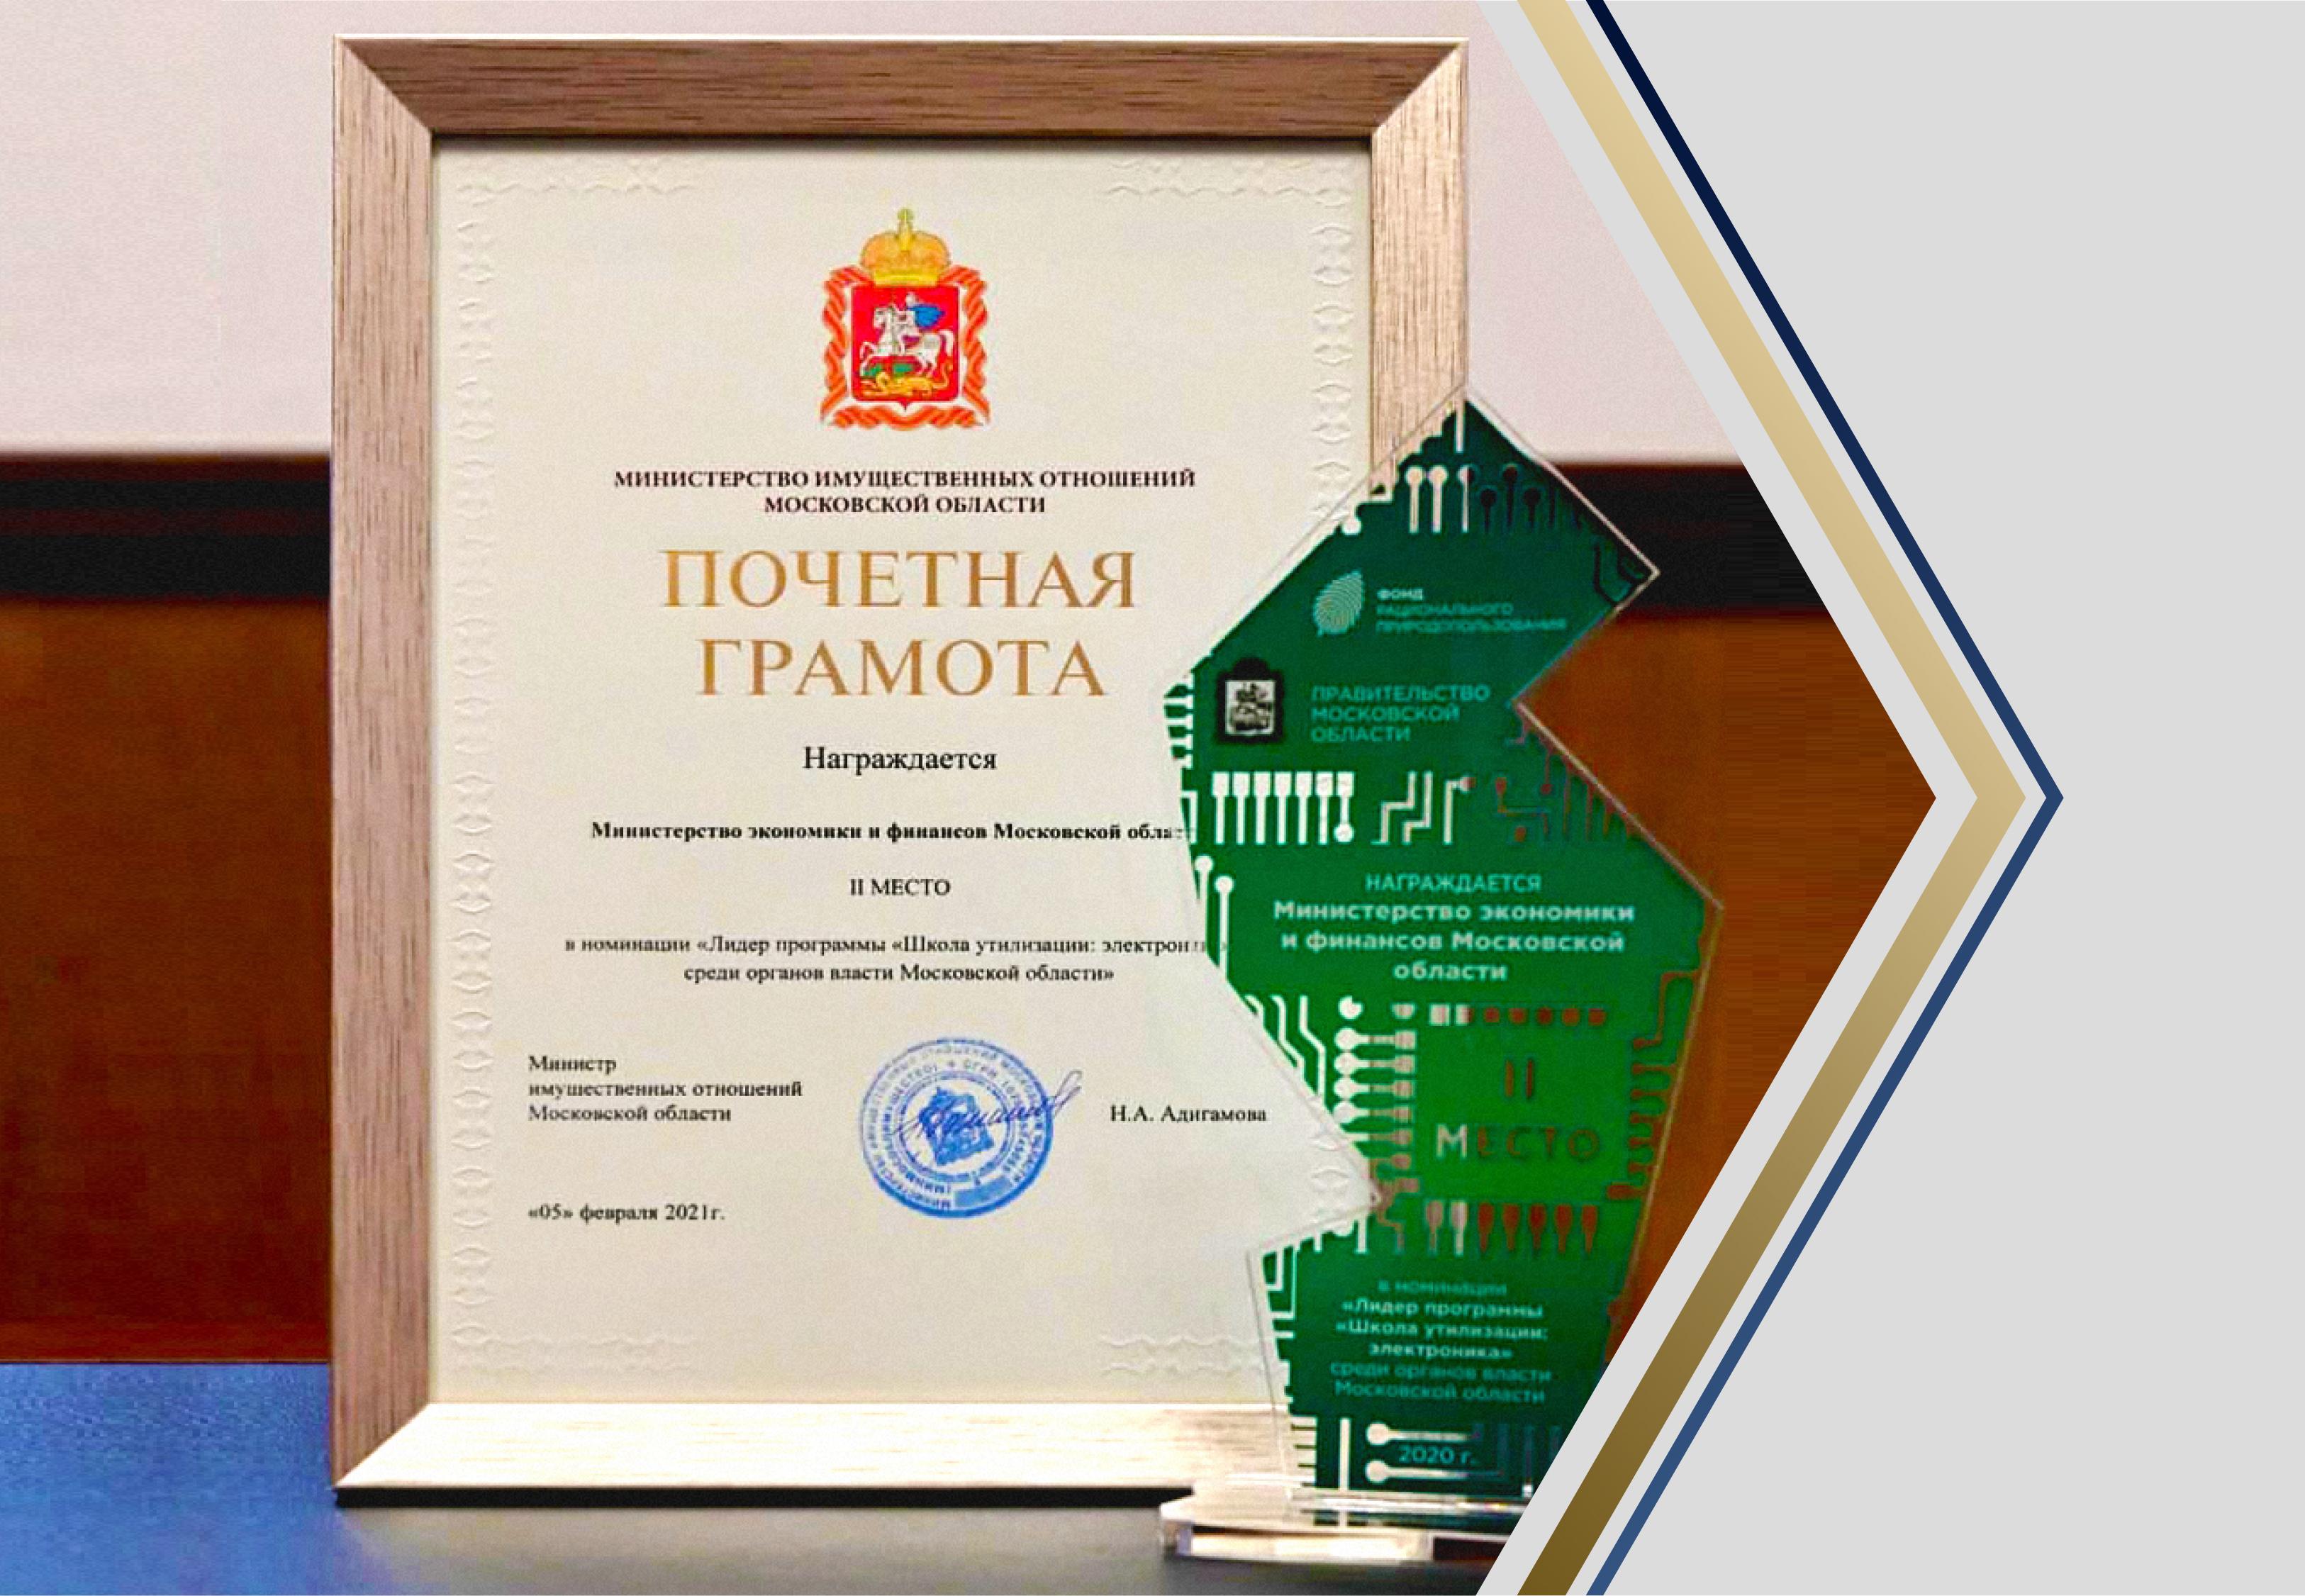 Министерство экономики и финансов Московской области вошло в число лидеров программы «Школа утилизации: электроника» в 2020 году